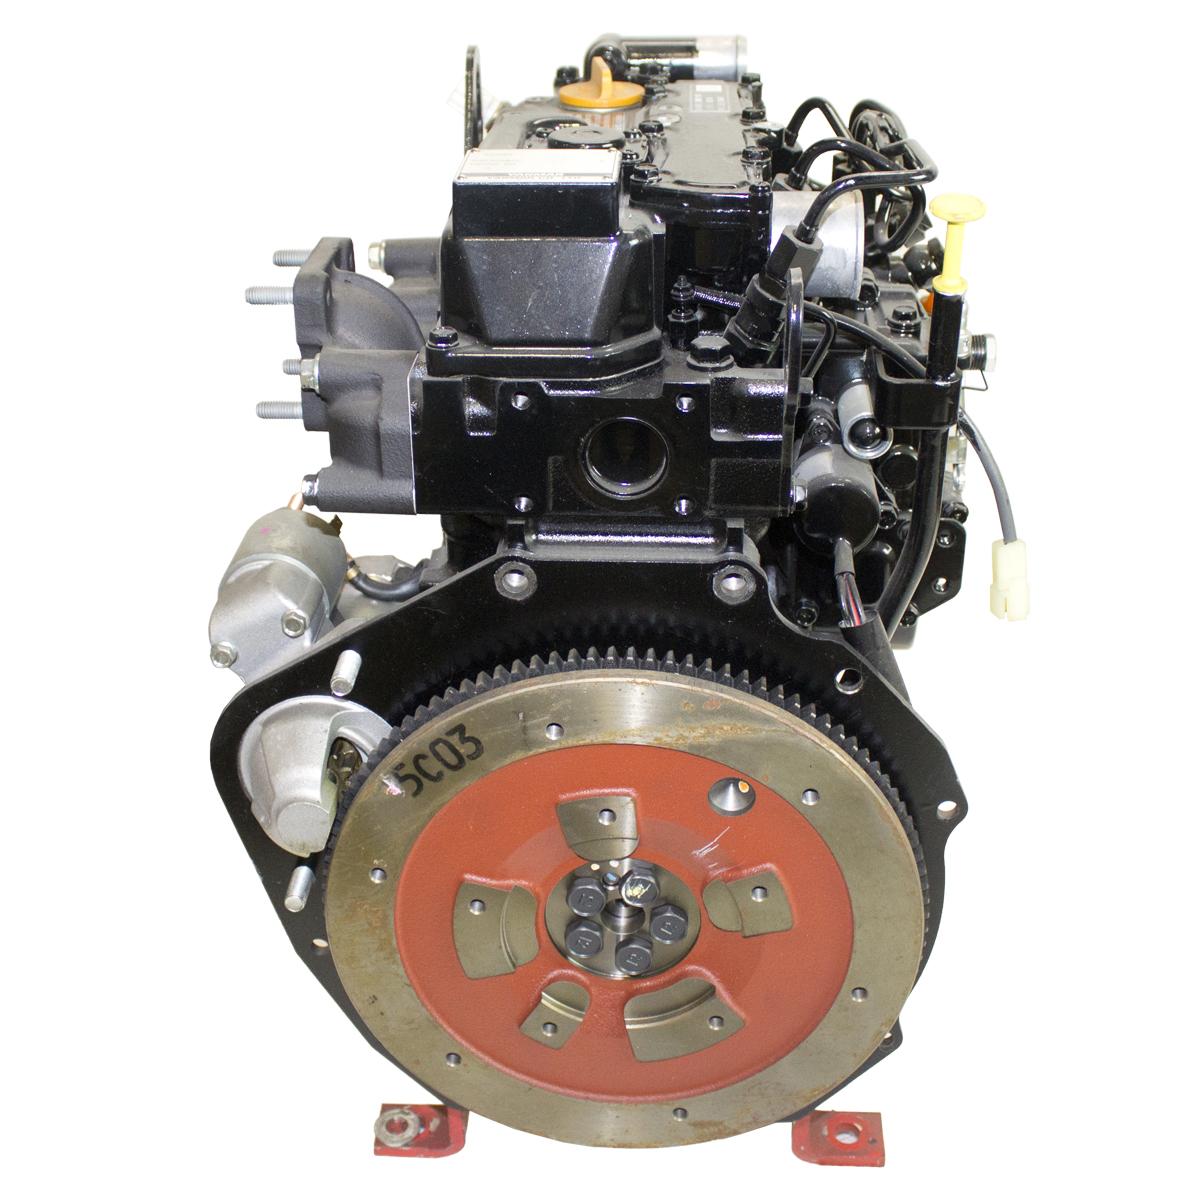 Yanmar 22.9 net hp @ 3600 RPM, 3 Cyl, Diesel, Liquid Cooled,  Yanmar Diesel Engine